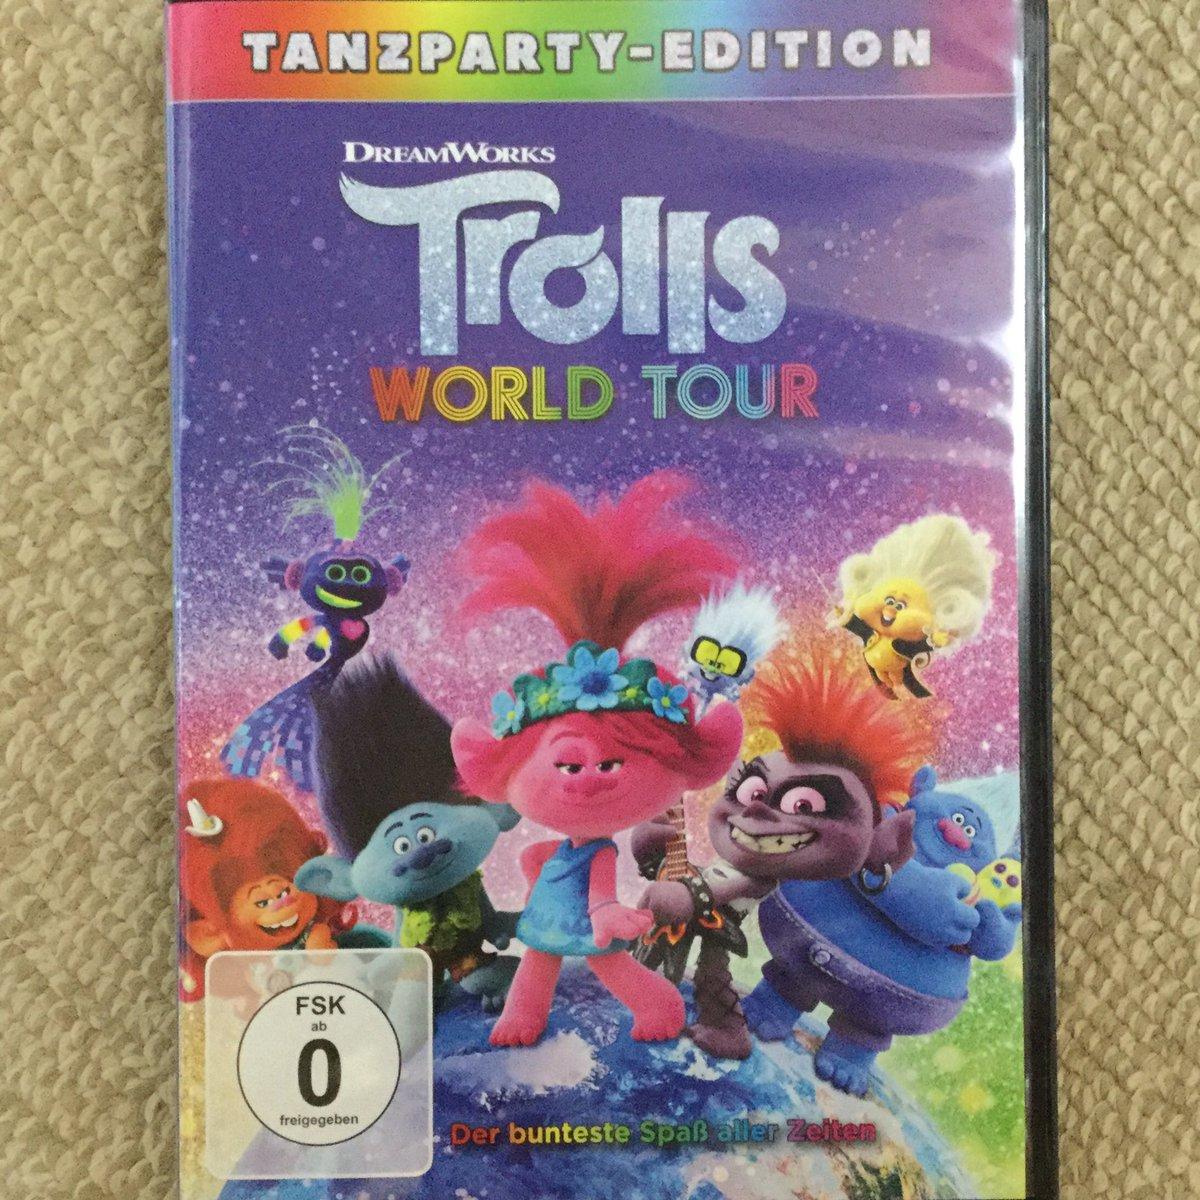 今日のSam Rockwell映画は、''Trolls WORLD TOUR''を外国盤で鑑賞!とっても可愛い作品!Sam RockwellのHickoryはカッコイイキャラクター!いずれ日本盤も買う!しかしHickory…!😳 #TrollsWorldTour #SamRockwell https://t.co/VZH4bfUAHS